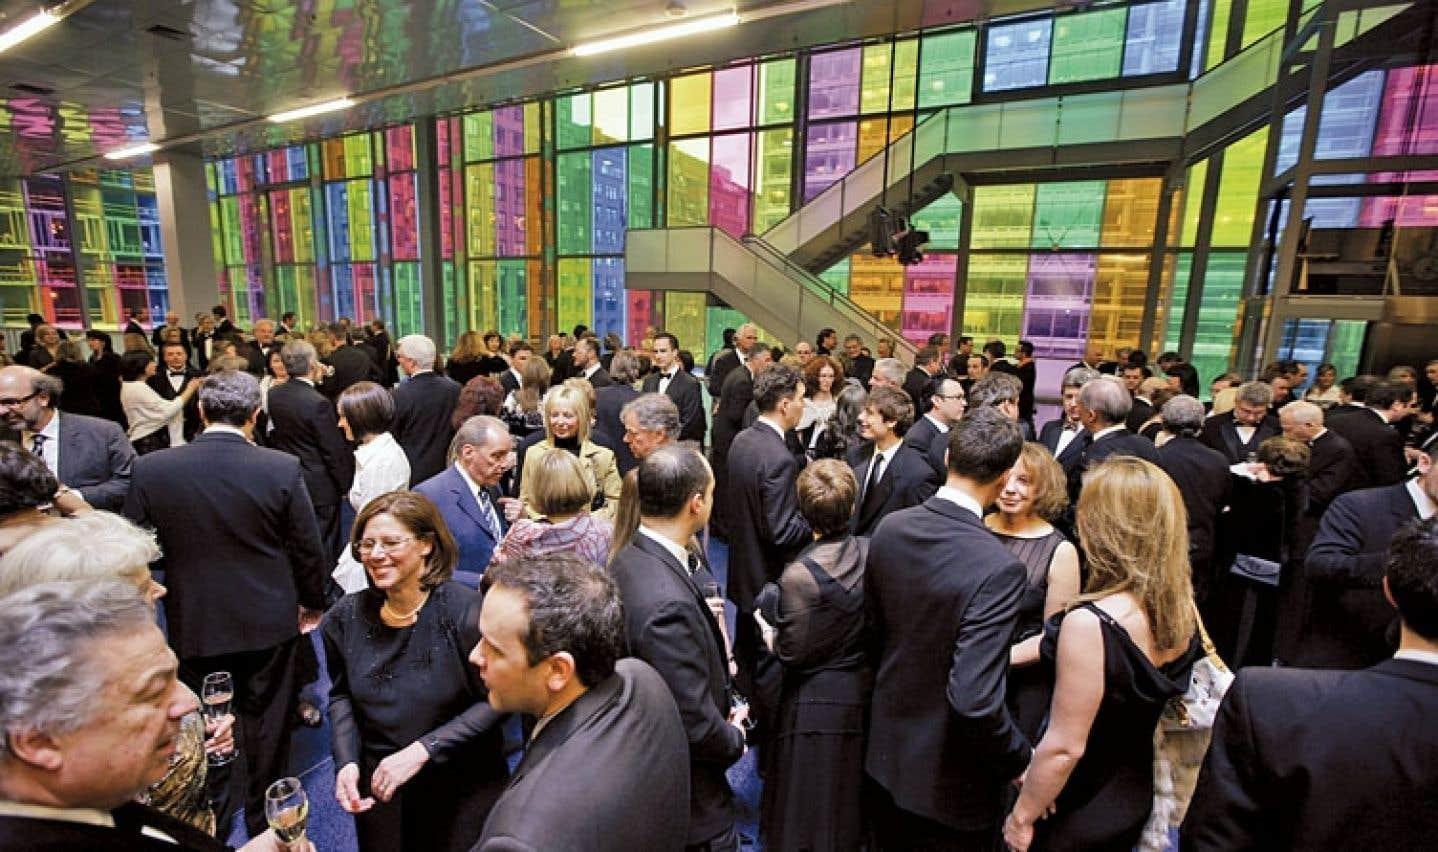 Le Palais des congrès de Montréal accueille des milliers de délégués chaque année.